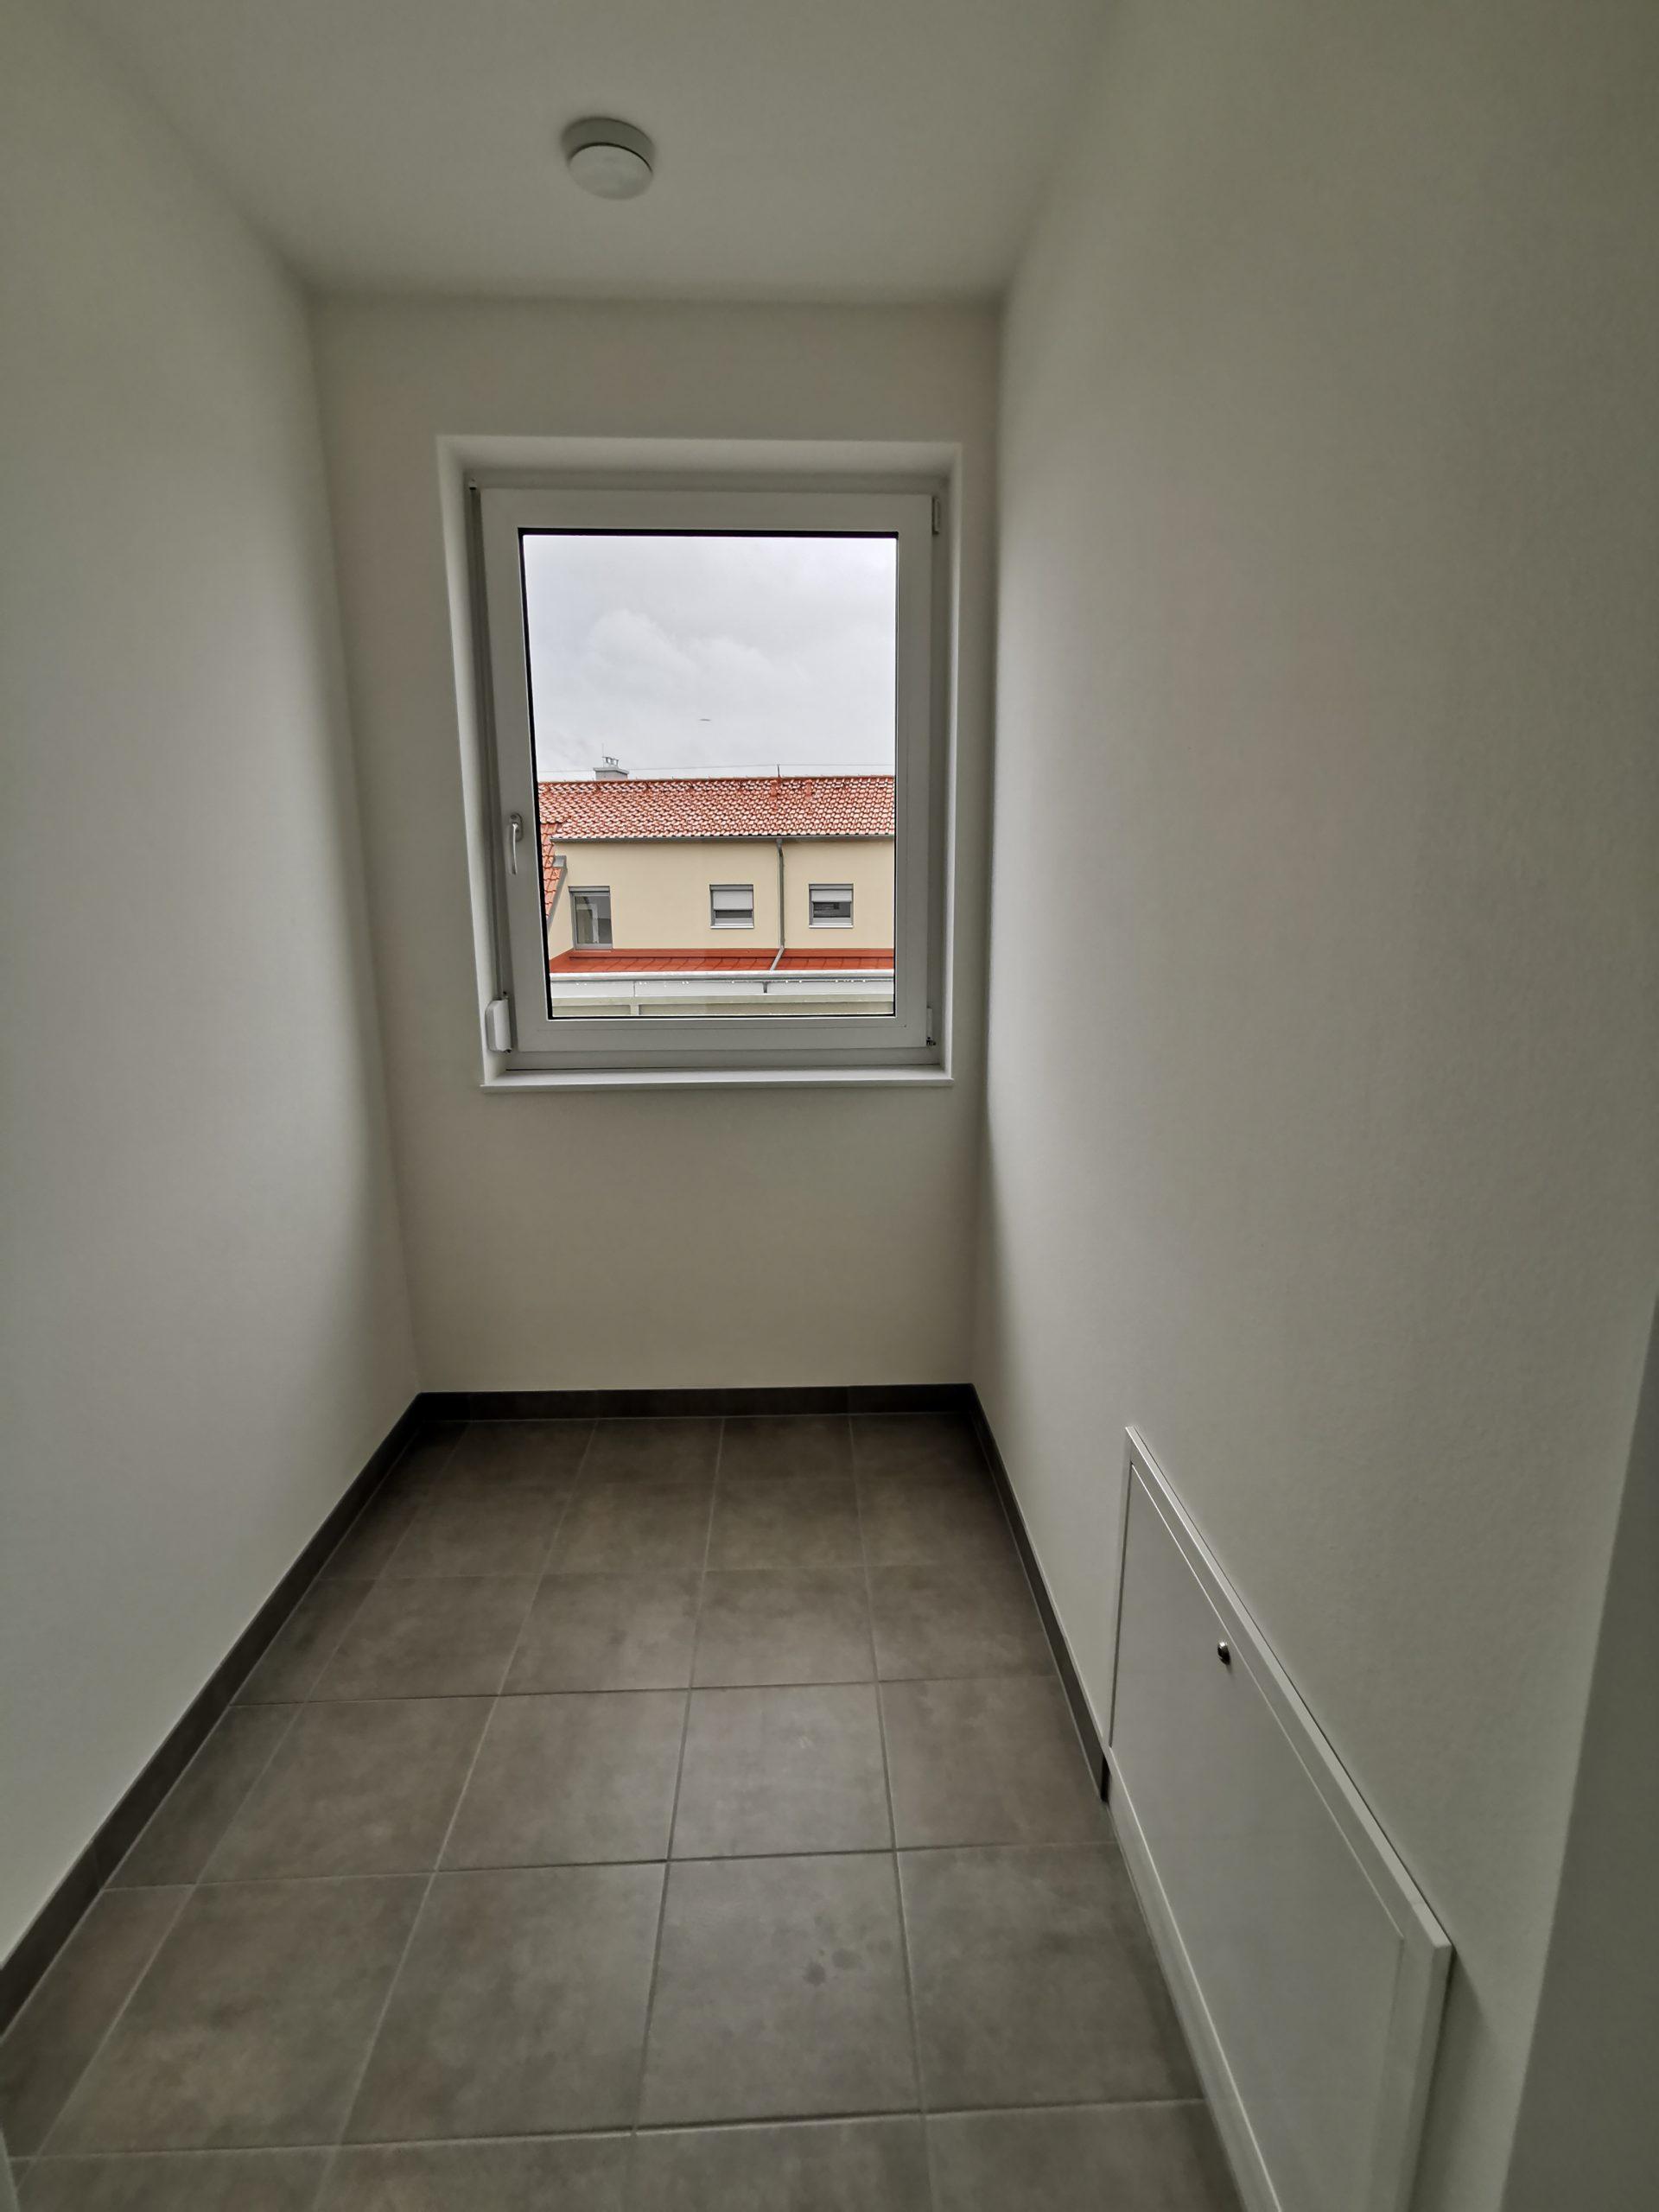 Immobilie von Kamptal in 3571 Gars am Kamp, Horn, Gars V - Top 208 #10